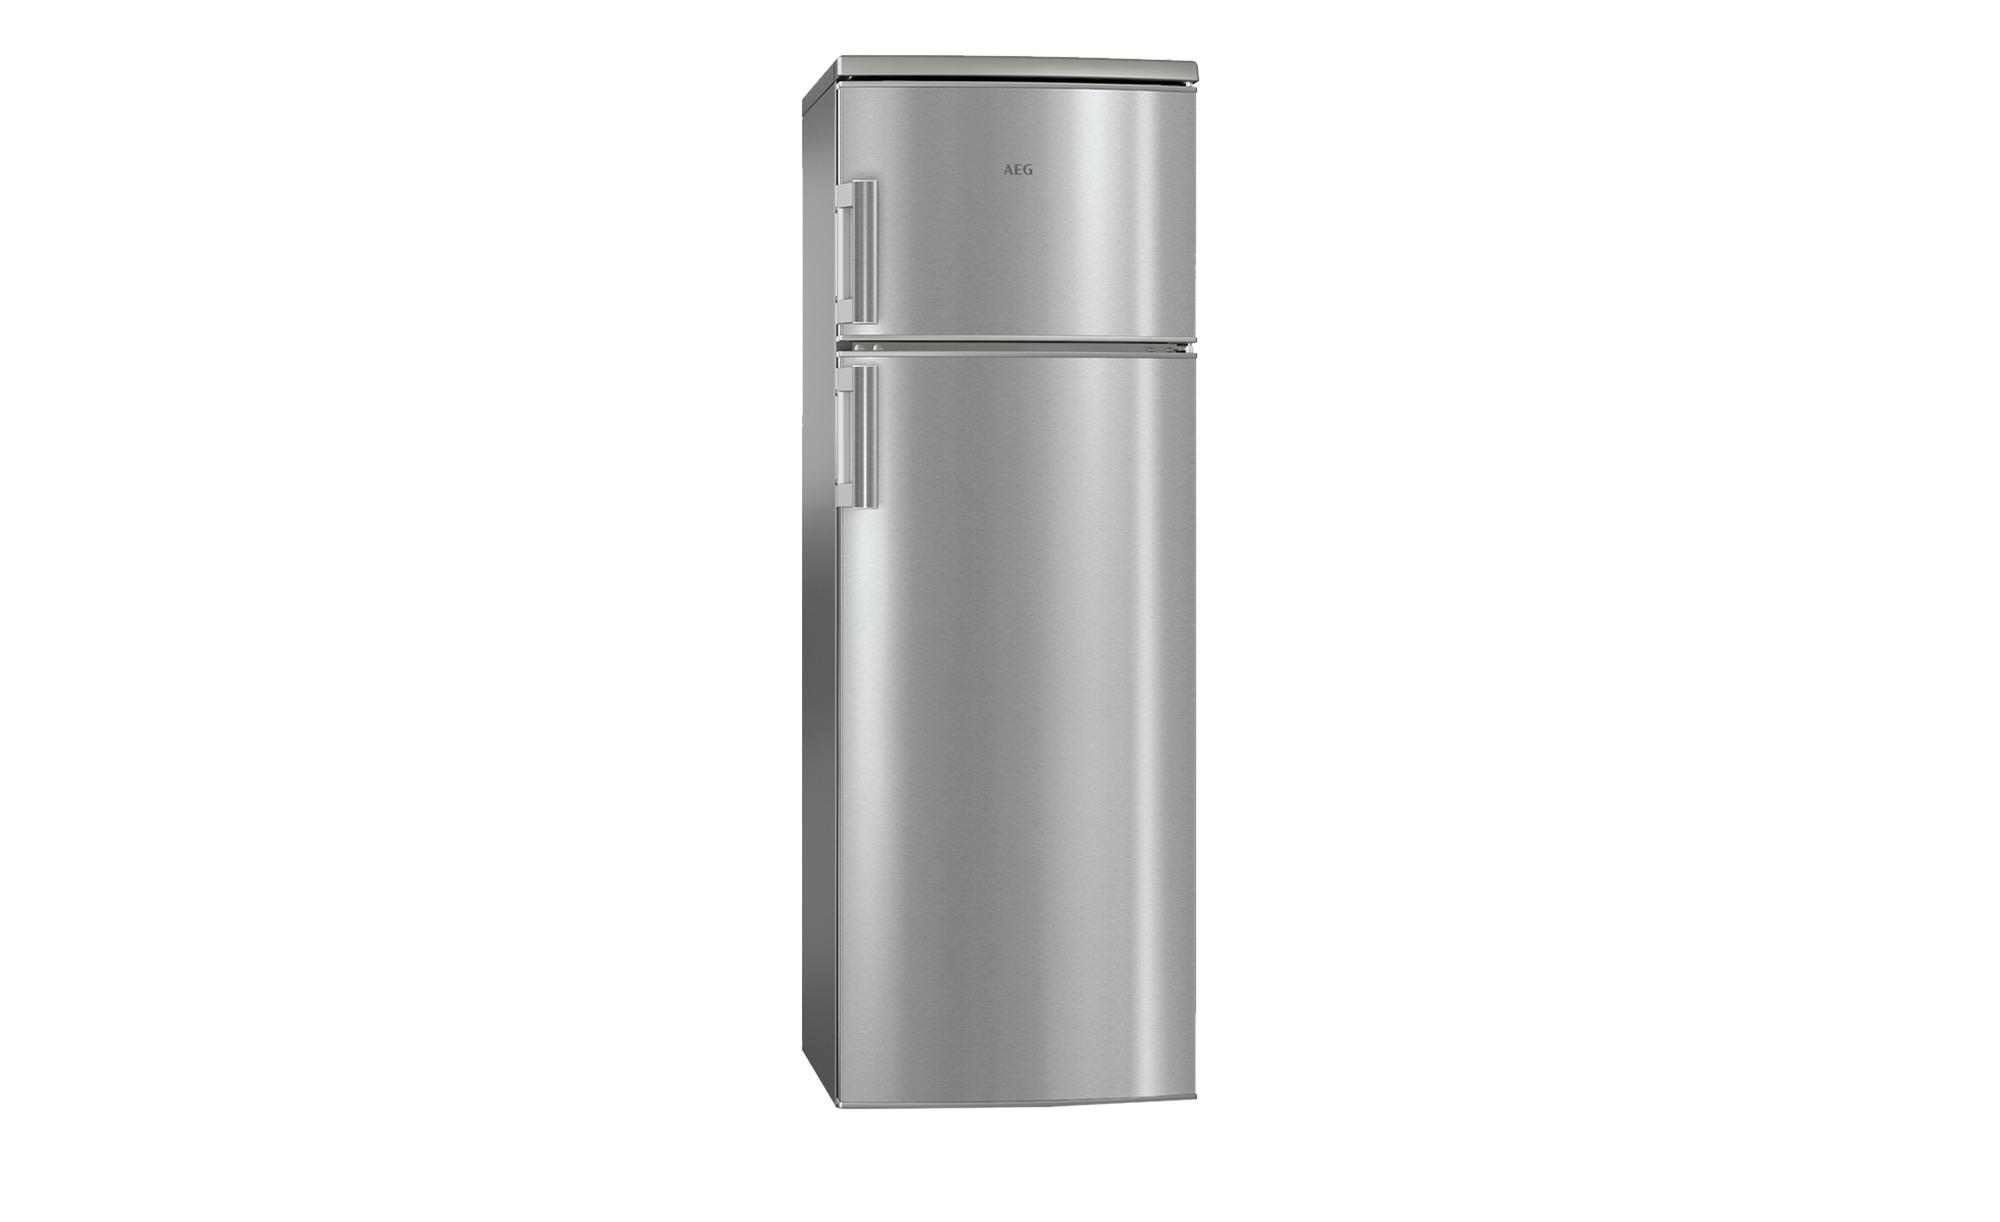 AEG Kuhl Gefrier Kombination RDB72321AX Silber Glas Metall Lackiert Kunststoff Masse Cm B 545 H 1404 T 604 Elektrogerate